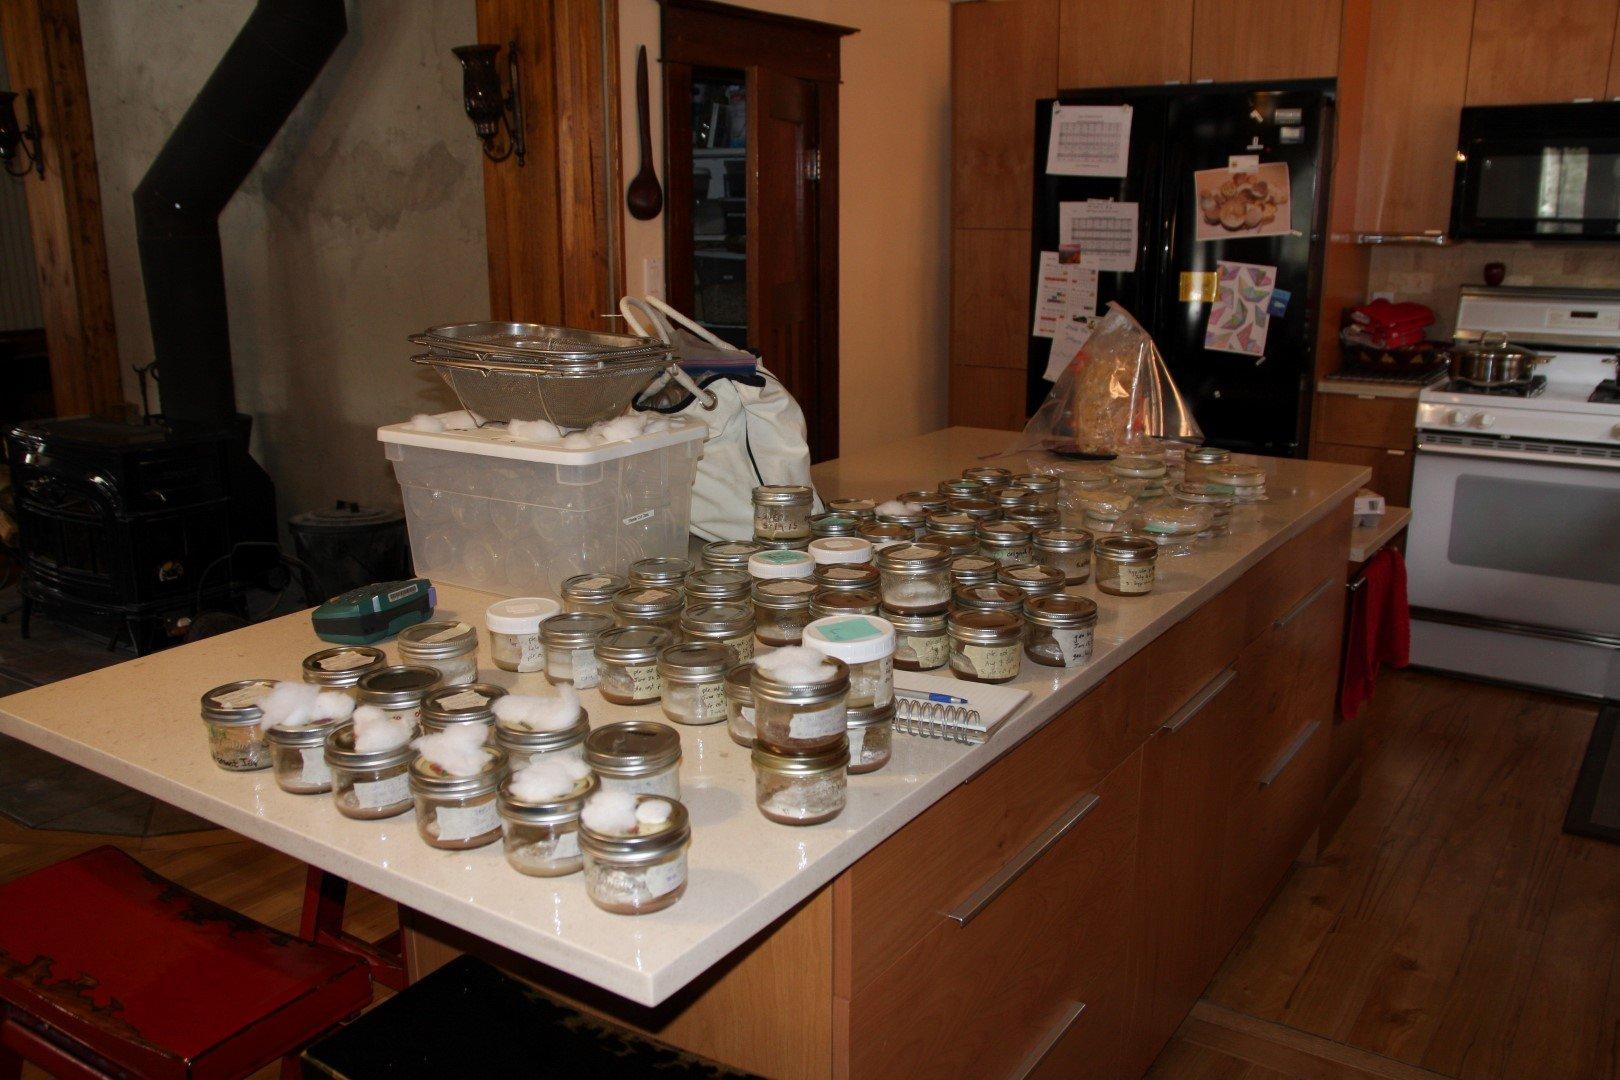 Petri Jars